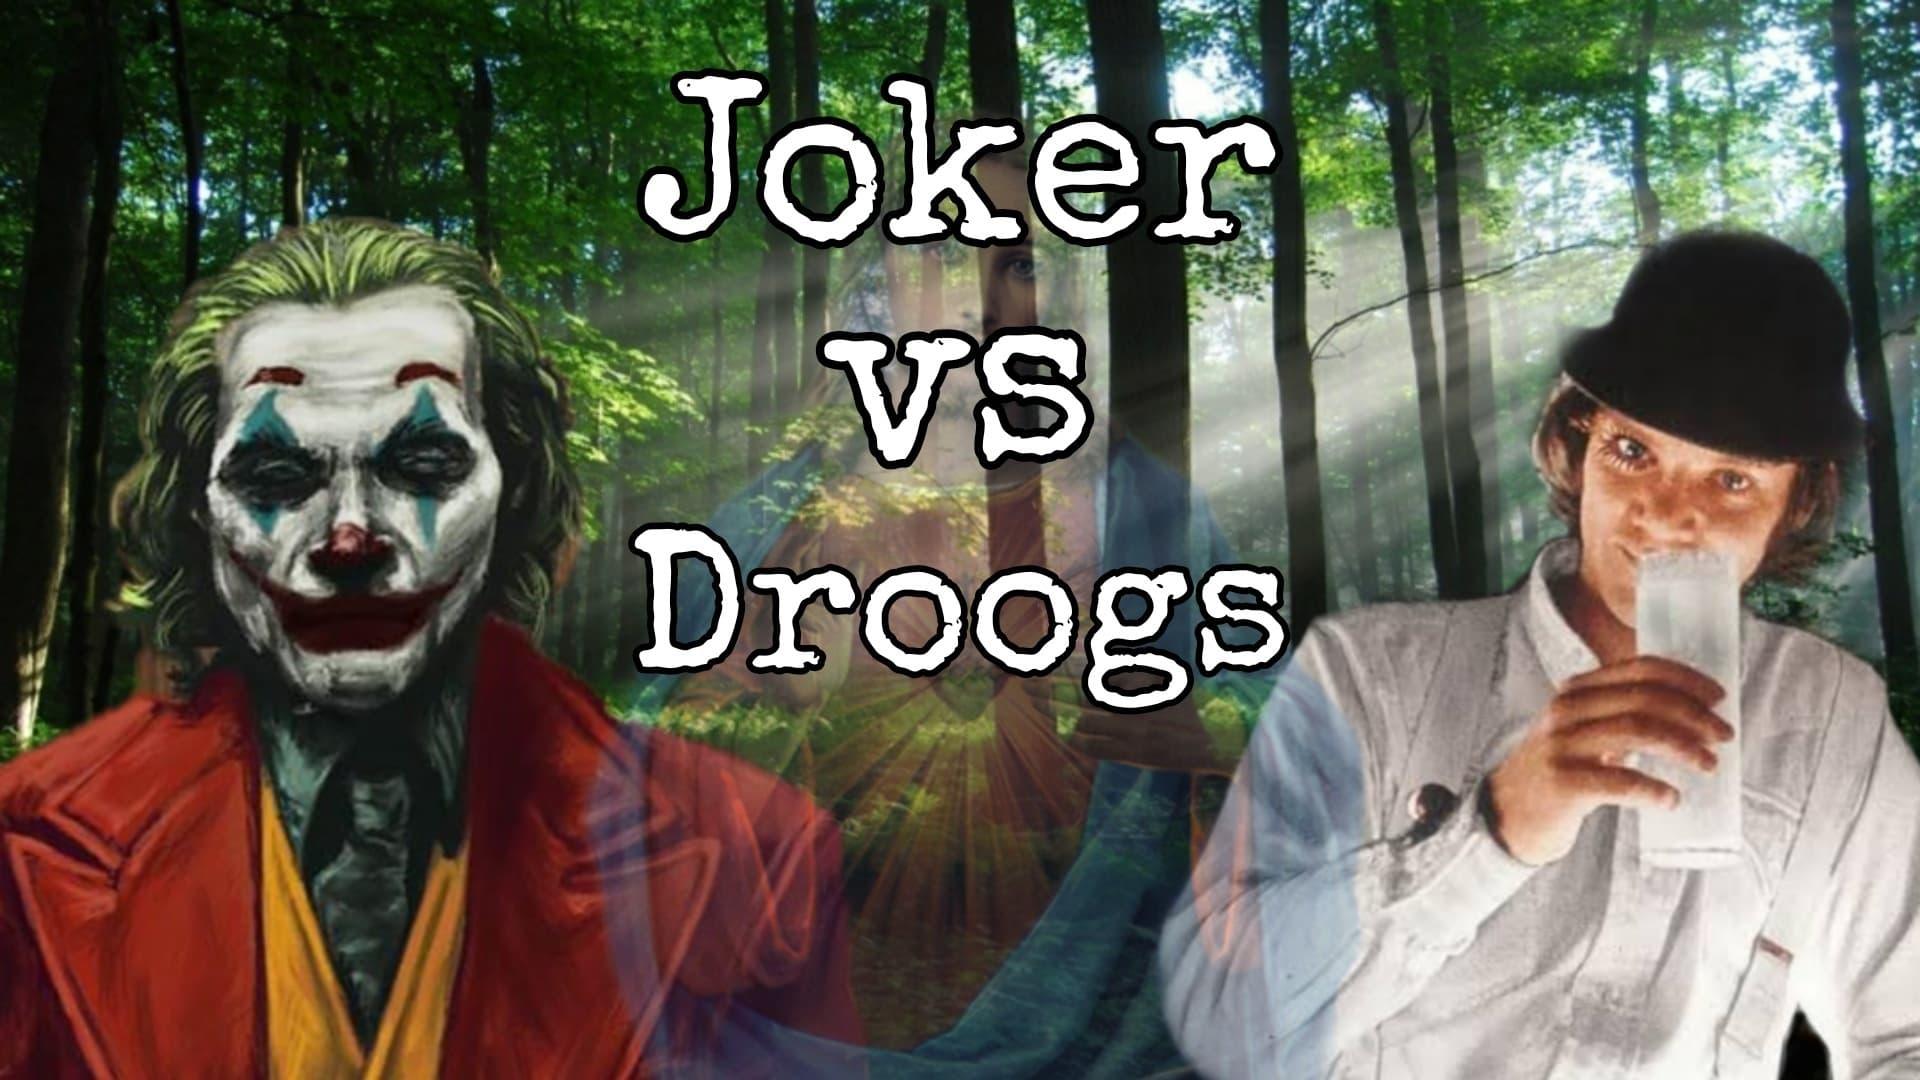 Joker Vs Droogs